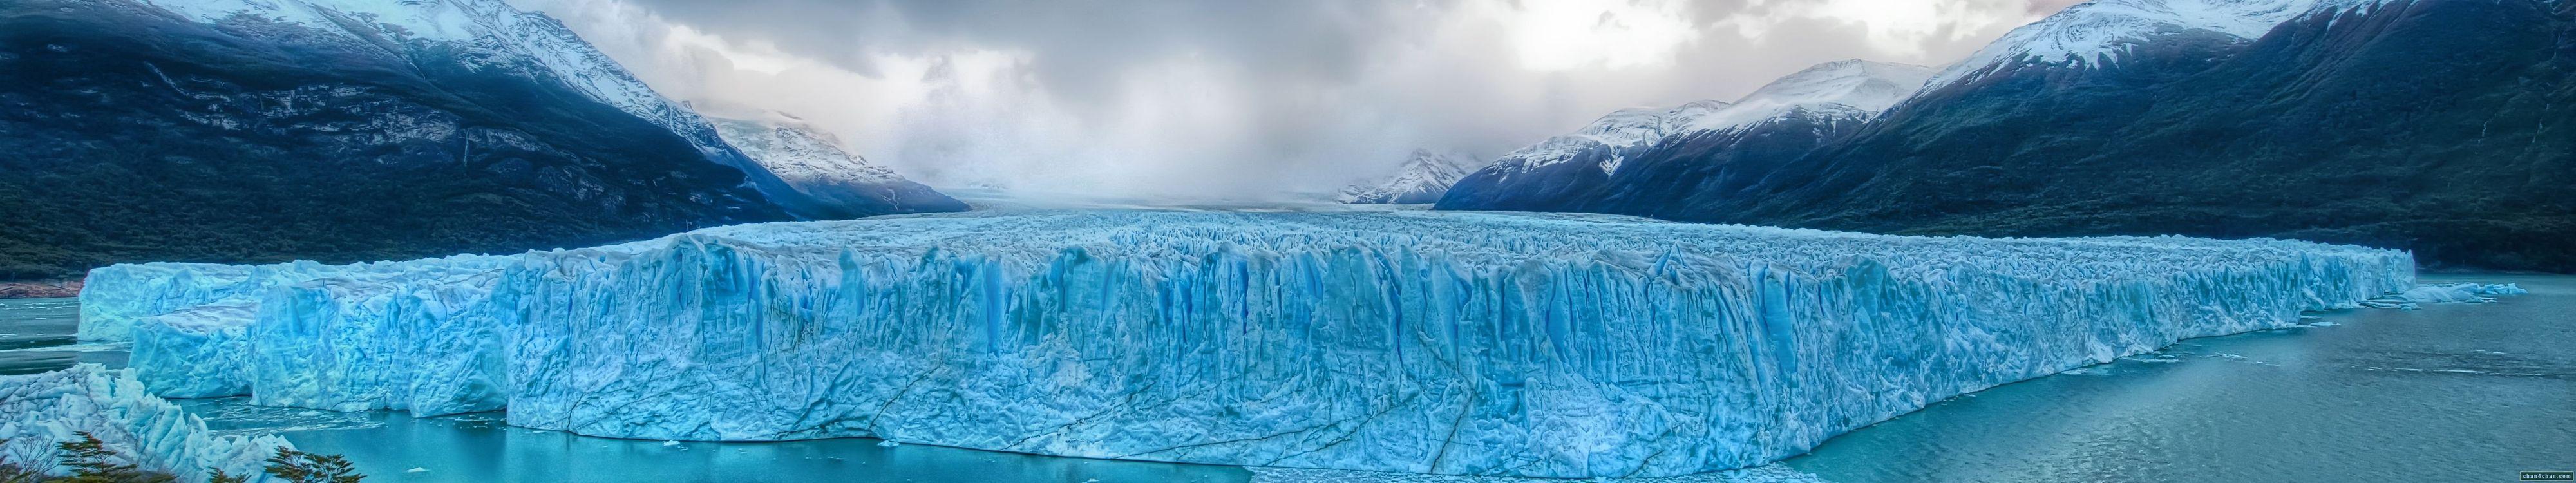 Free photo hills, iceberg, landscapes - to desktop